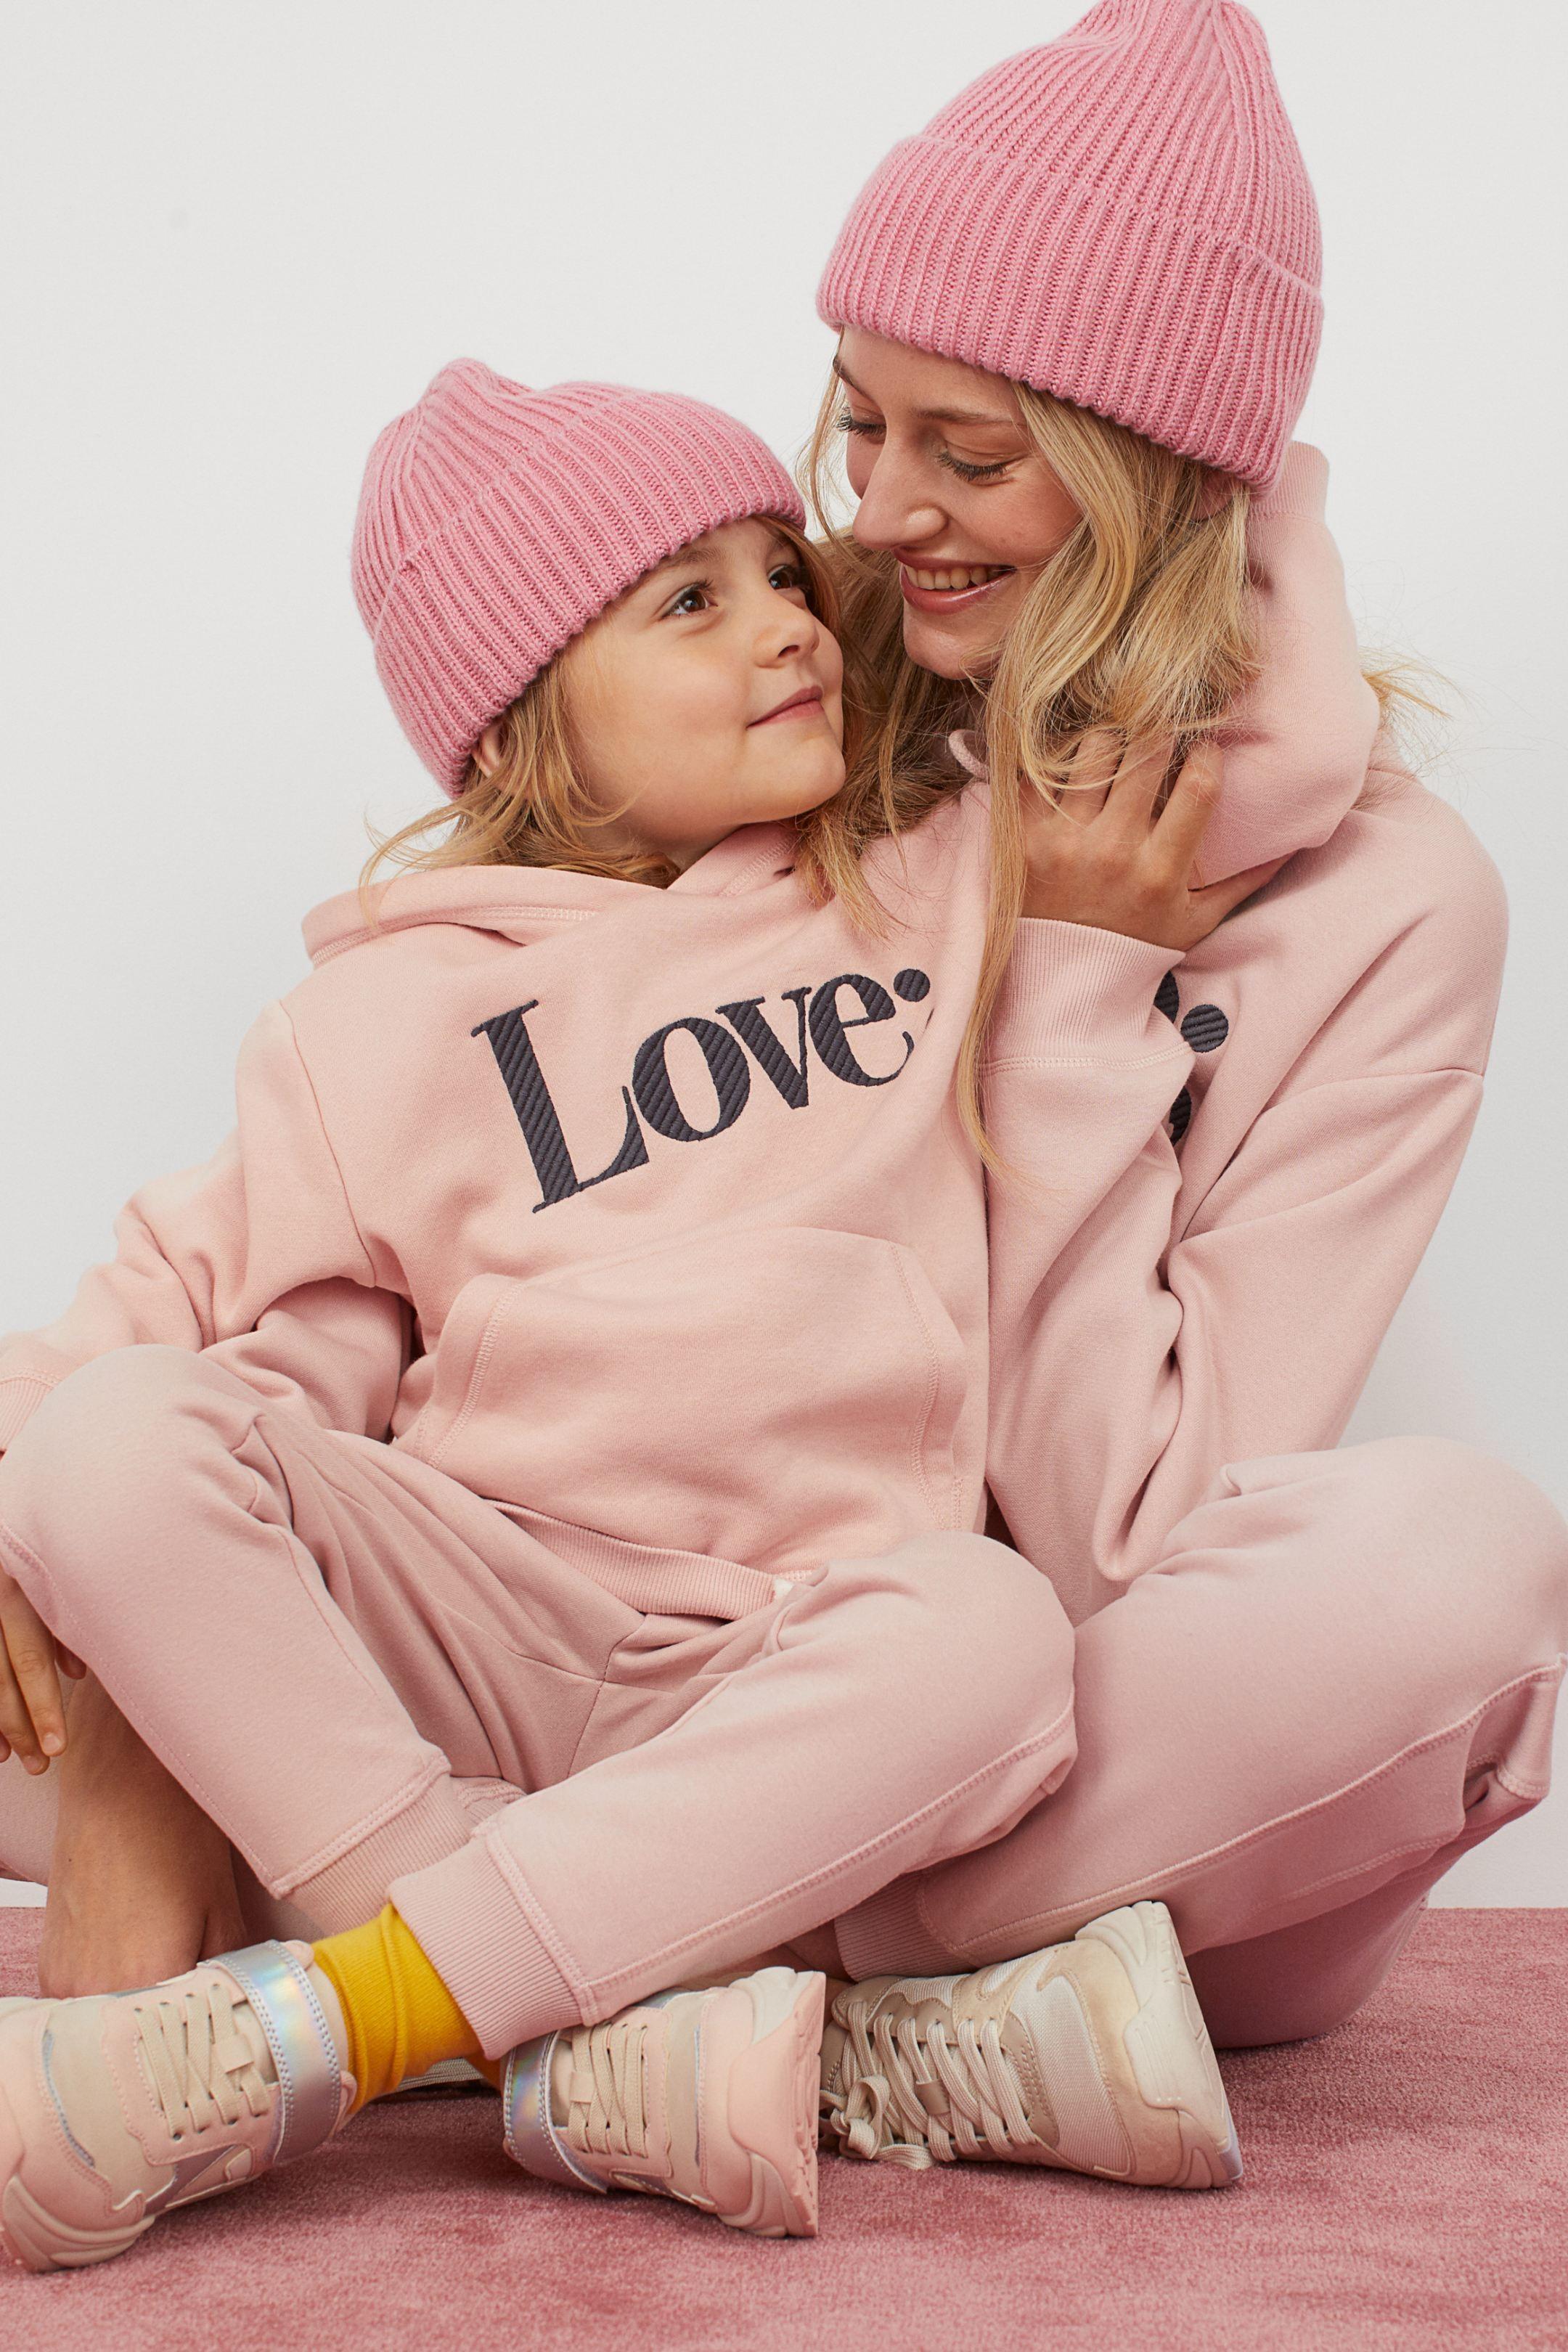 Chándal ideal para mamá e hija